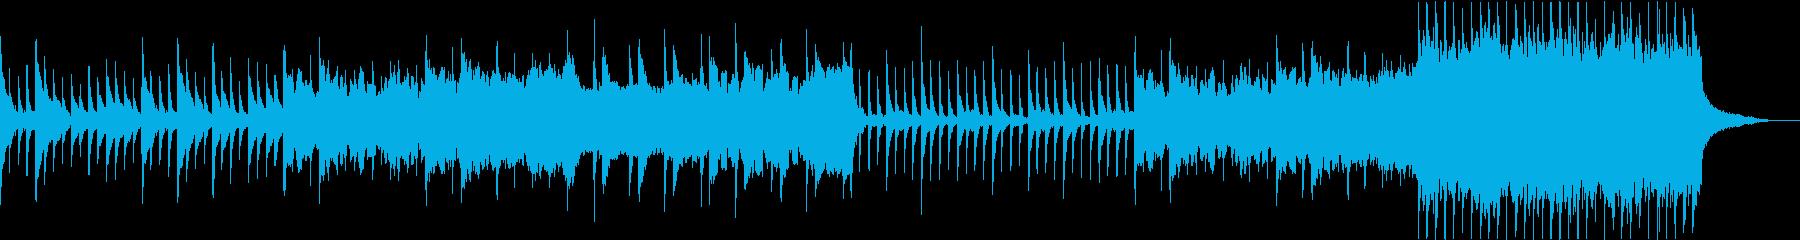 哀しいピアノトリオの再生済みの波形